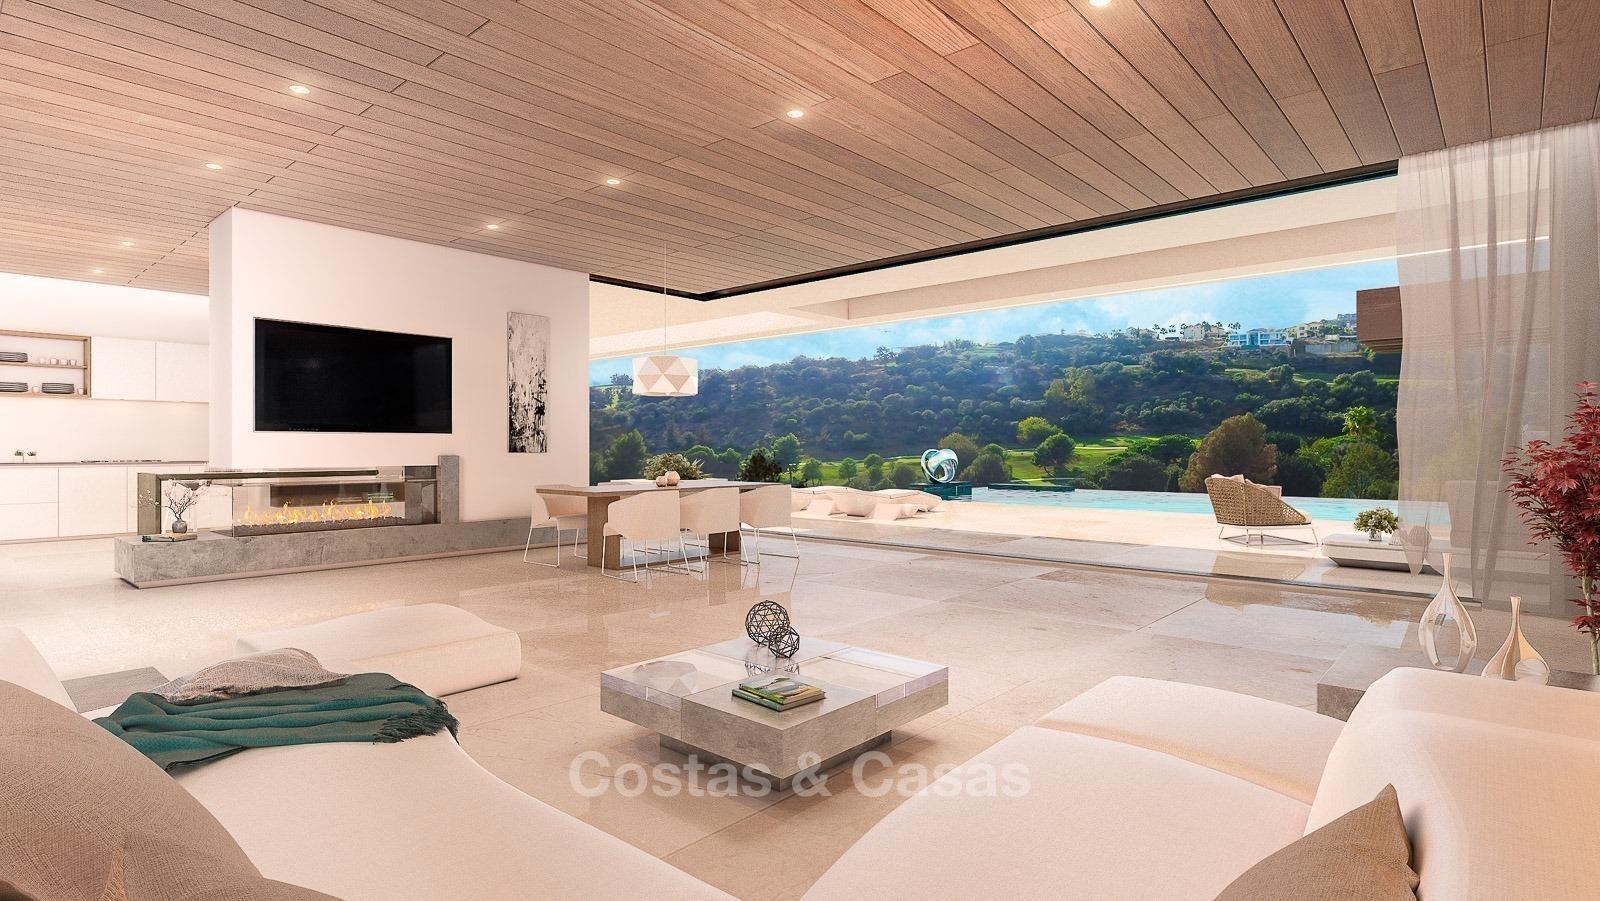 Bespoke Modern Contemporary Villas for sale Marbella Costa del Sol